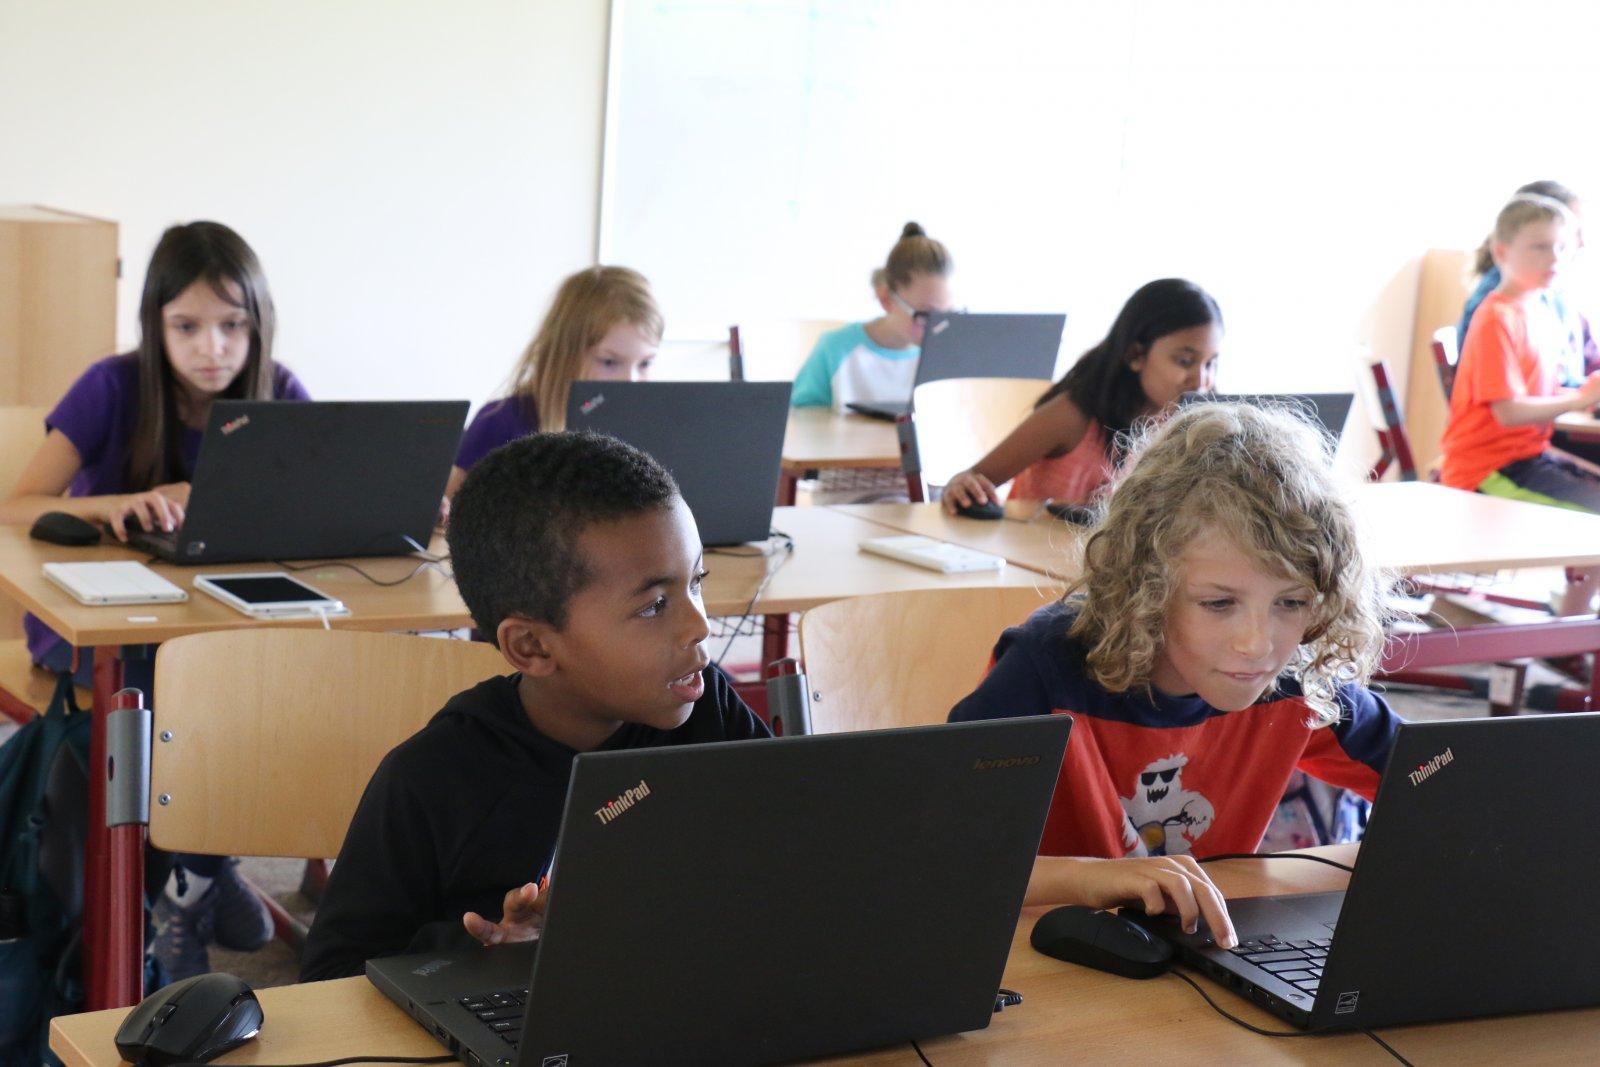 students programming at laptops at Saturday Academy